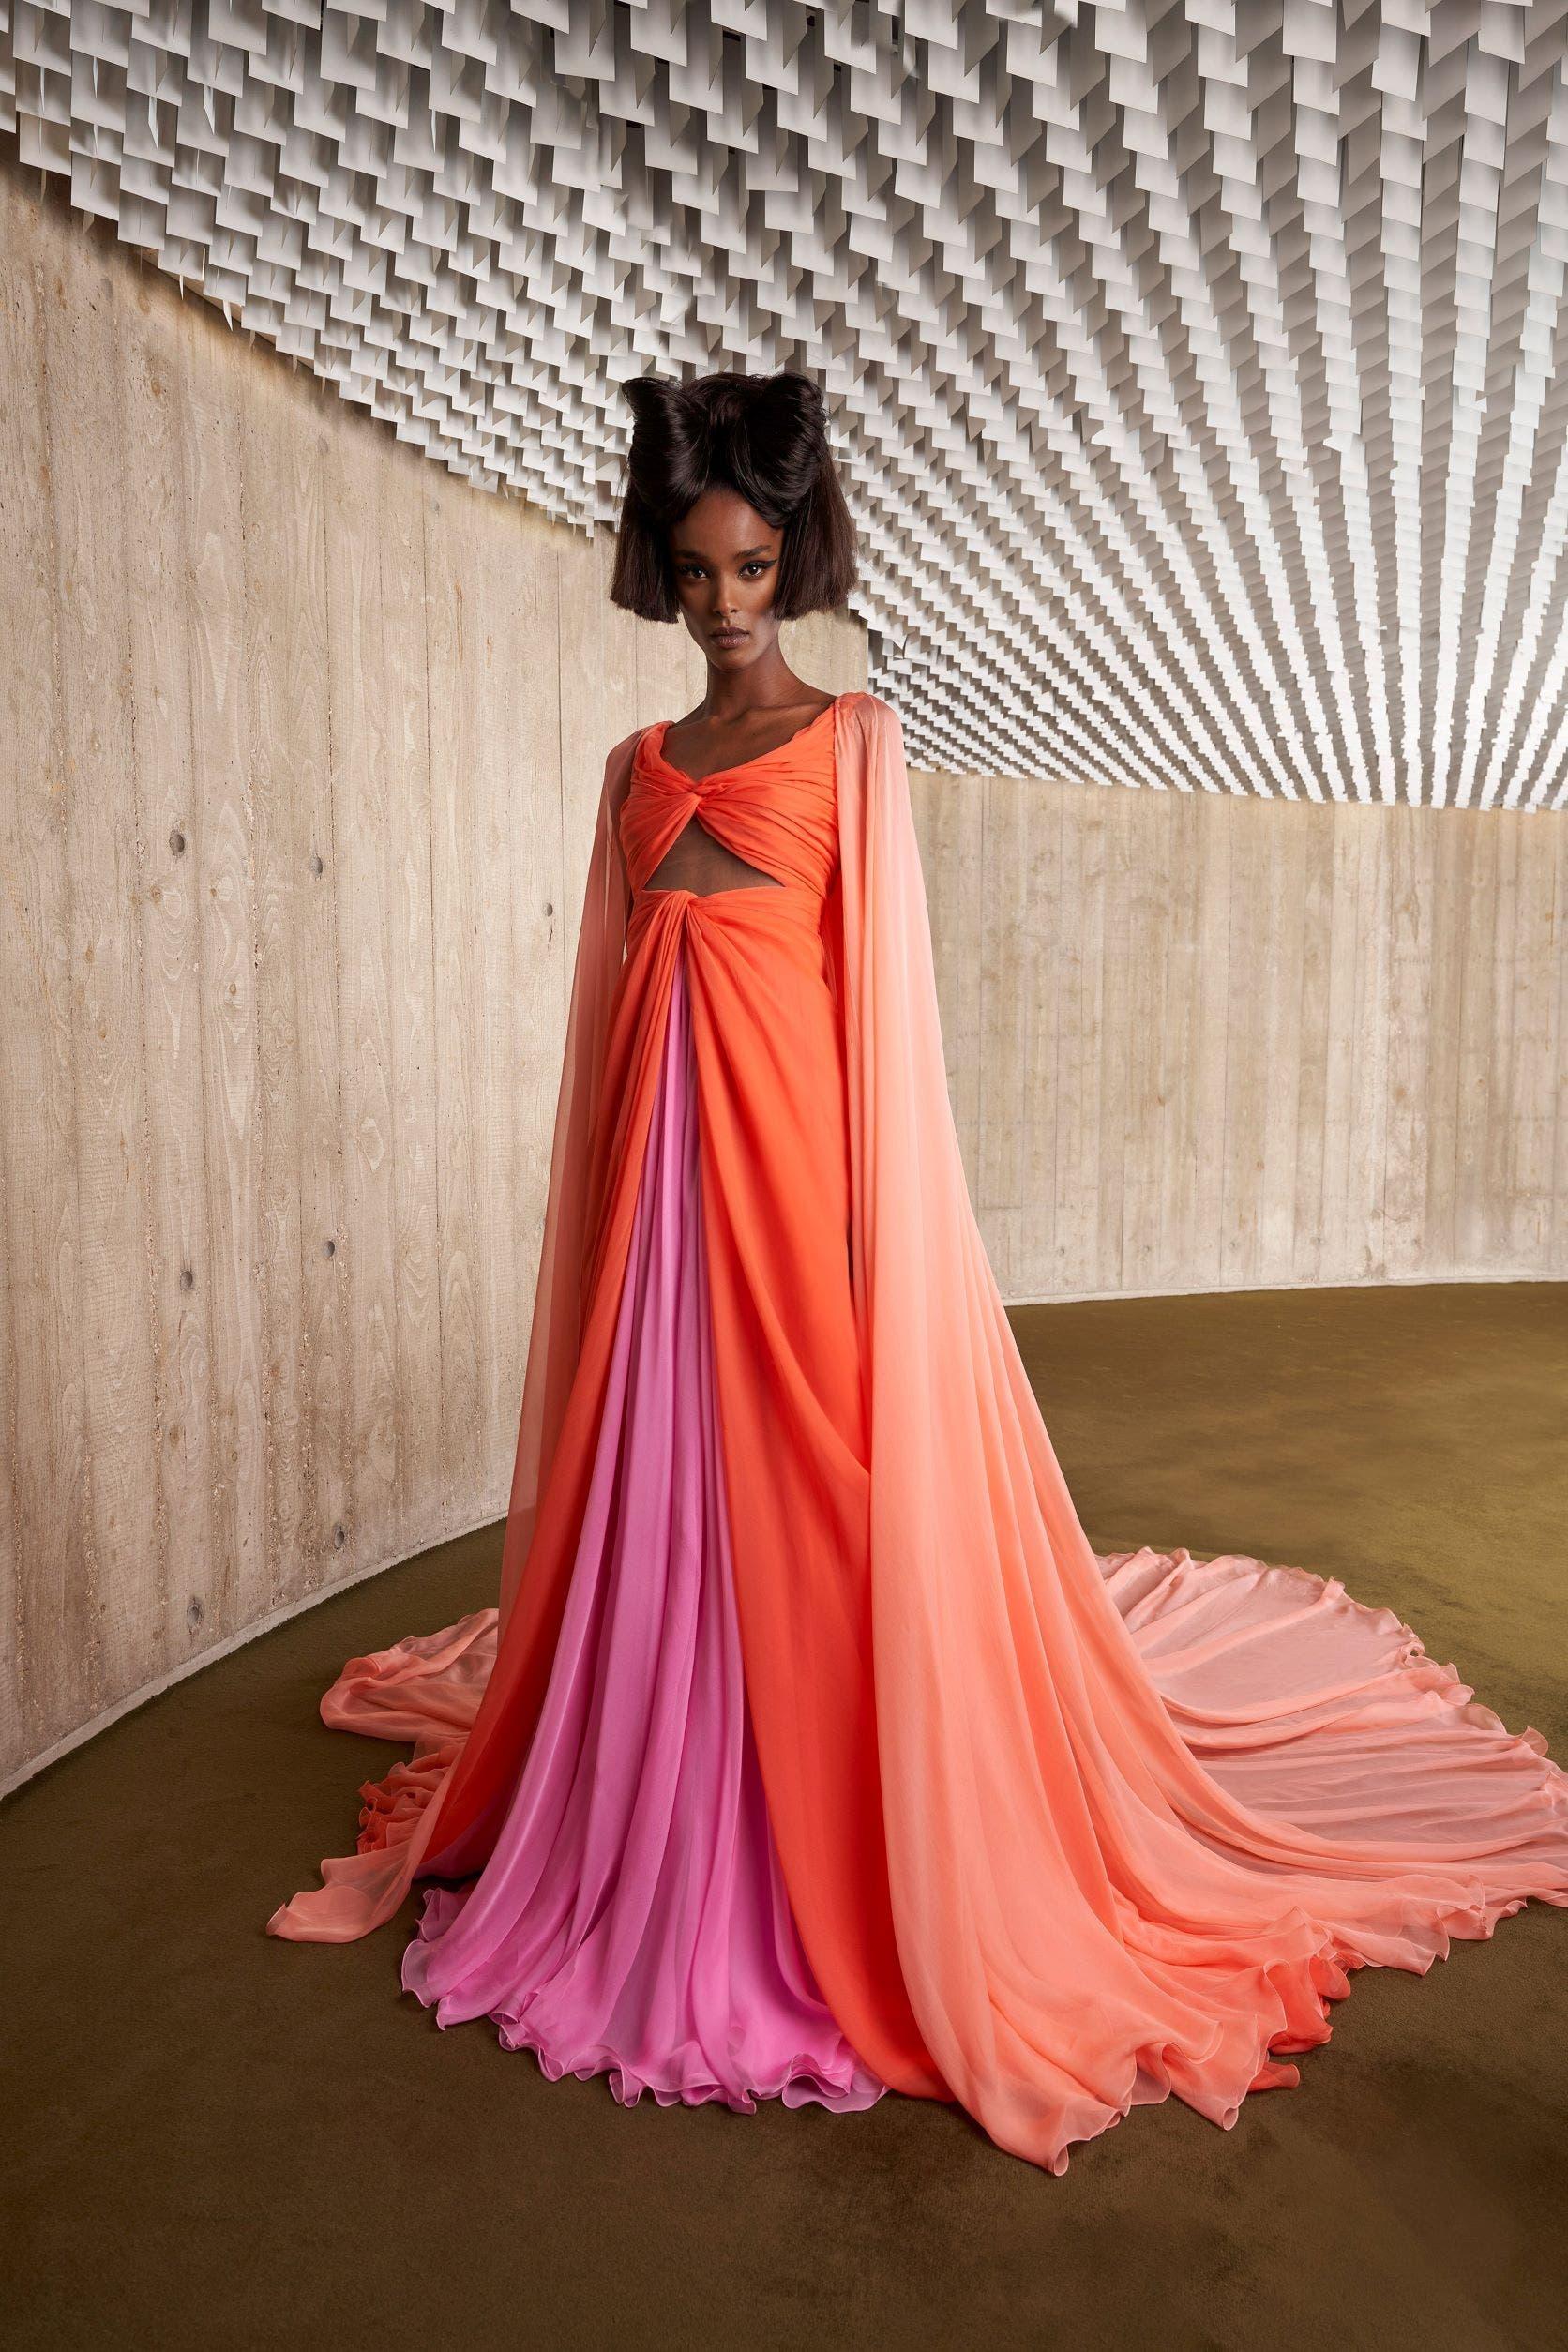 من مجموعة غيامباتيستا فالي من الأزياء الراقية لخريف2021